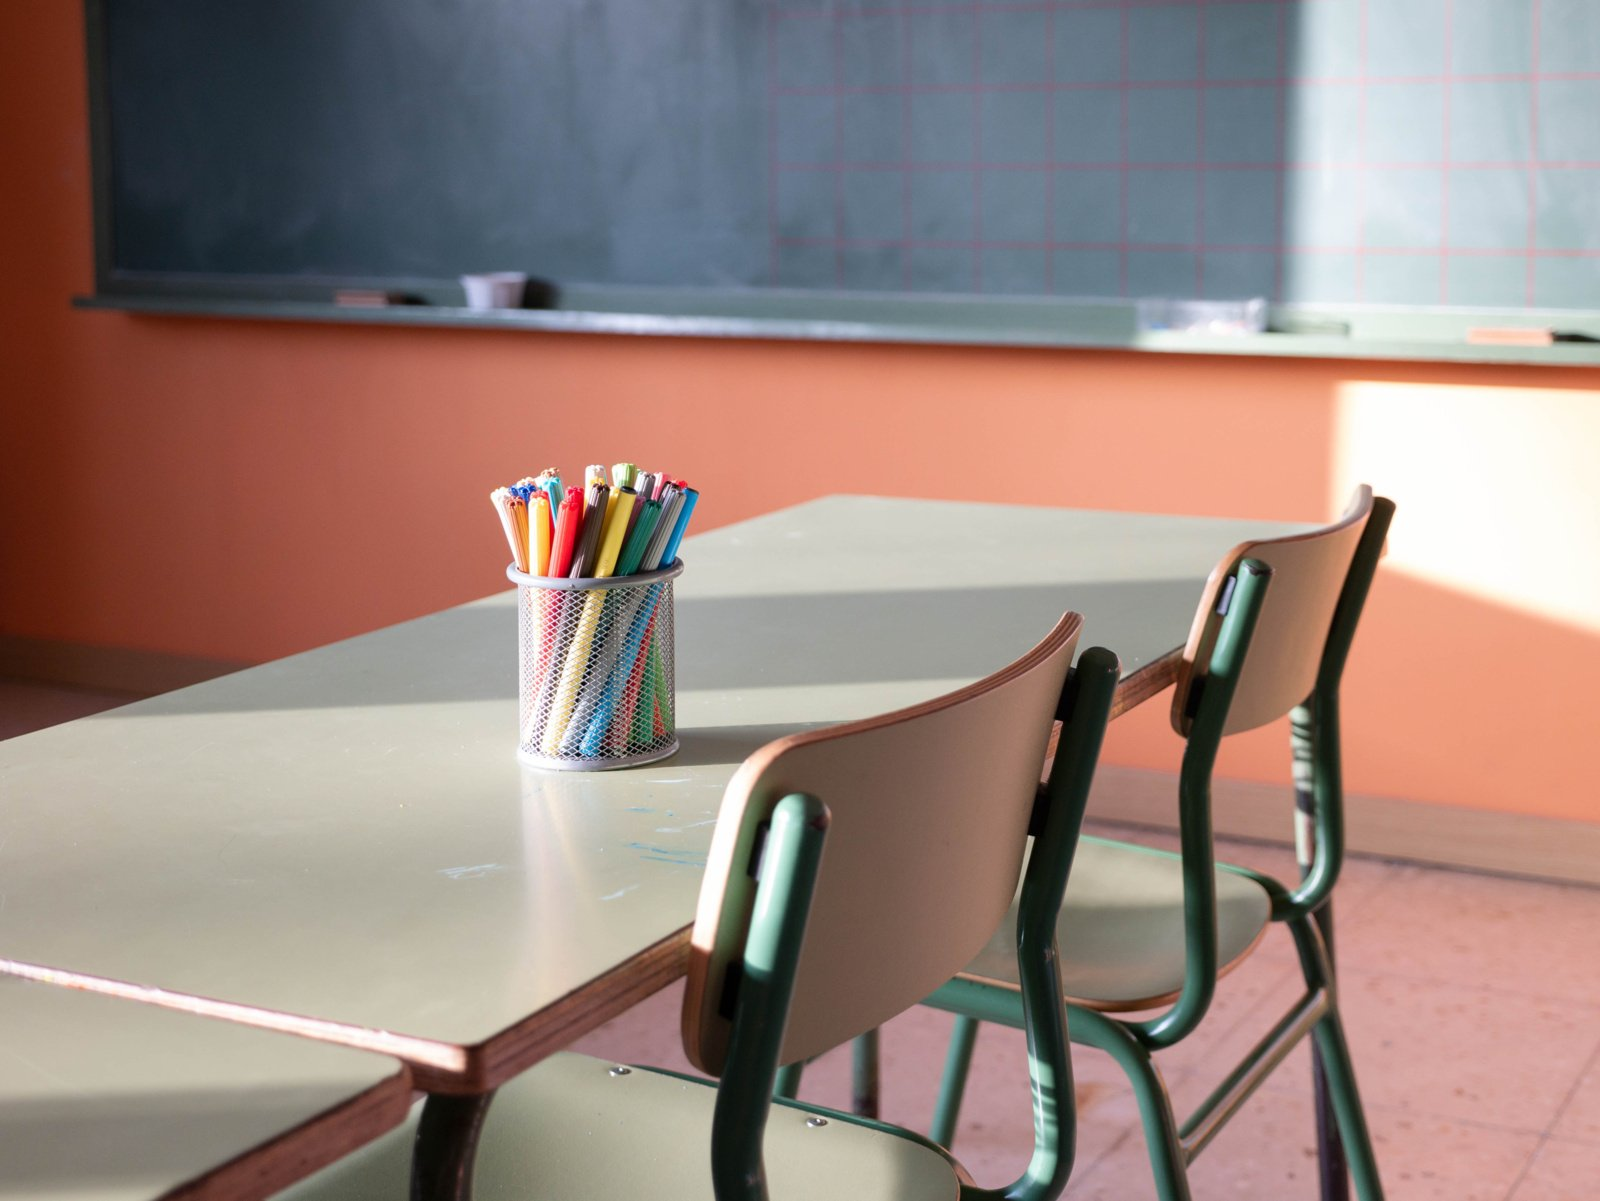 G. Nausėda siūlo ankstinti priešmokyklinį ir mokyklinį ugdymą